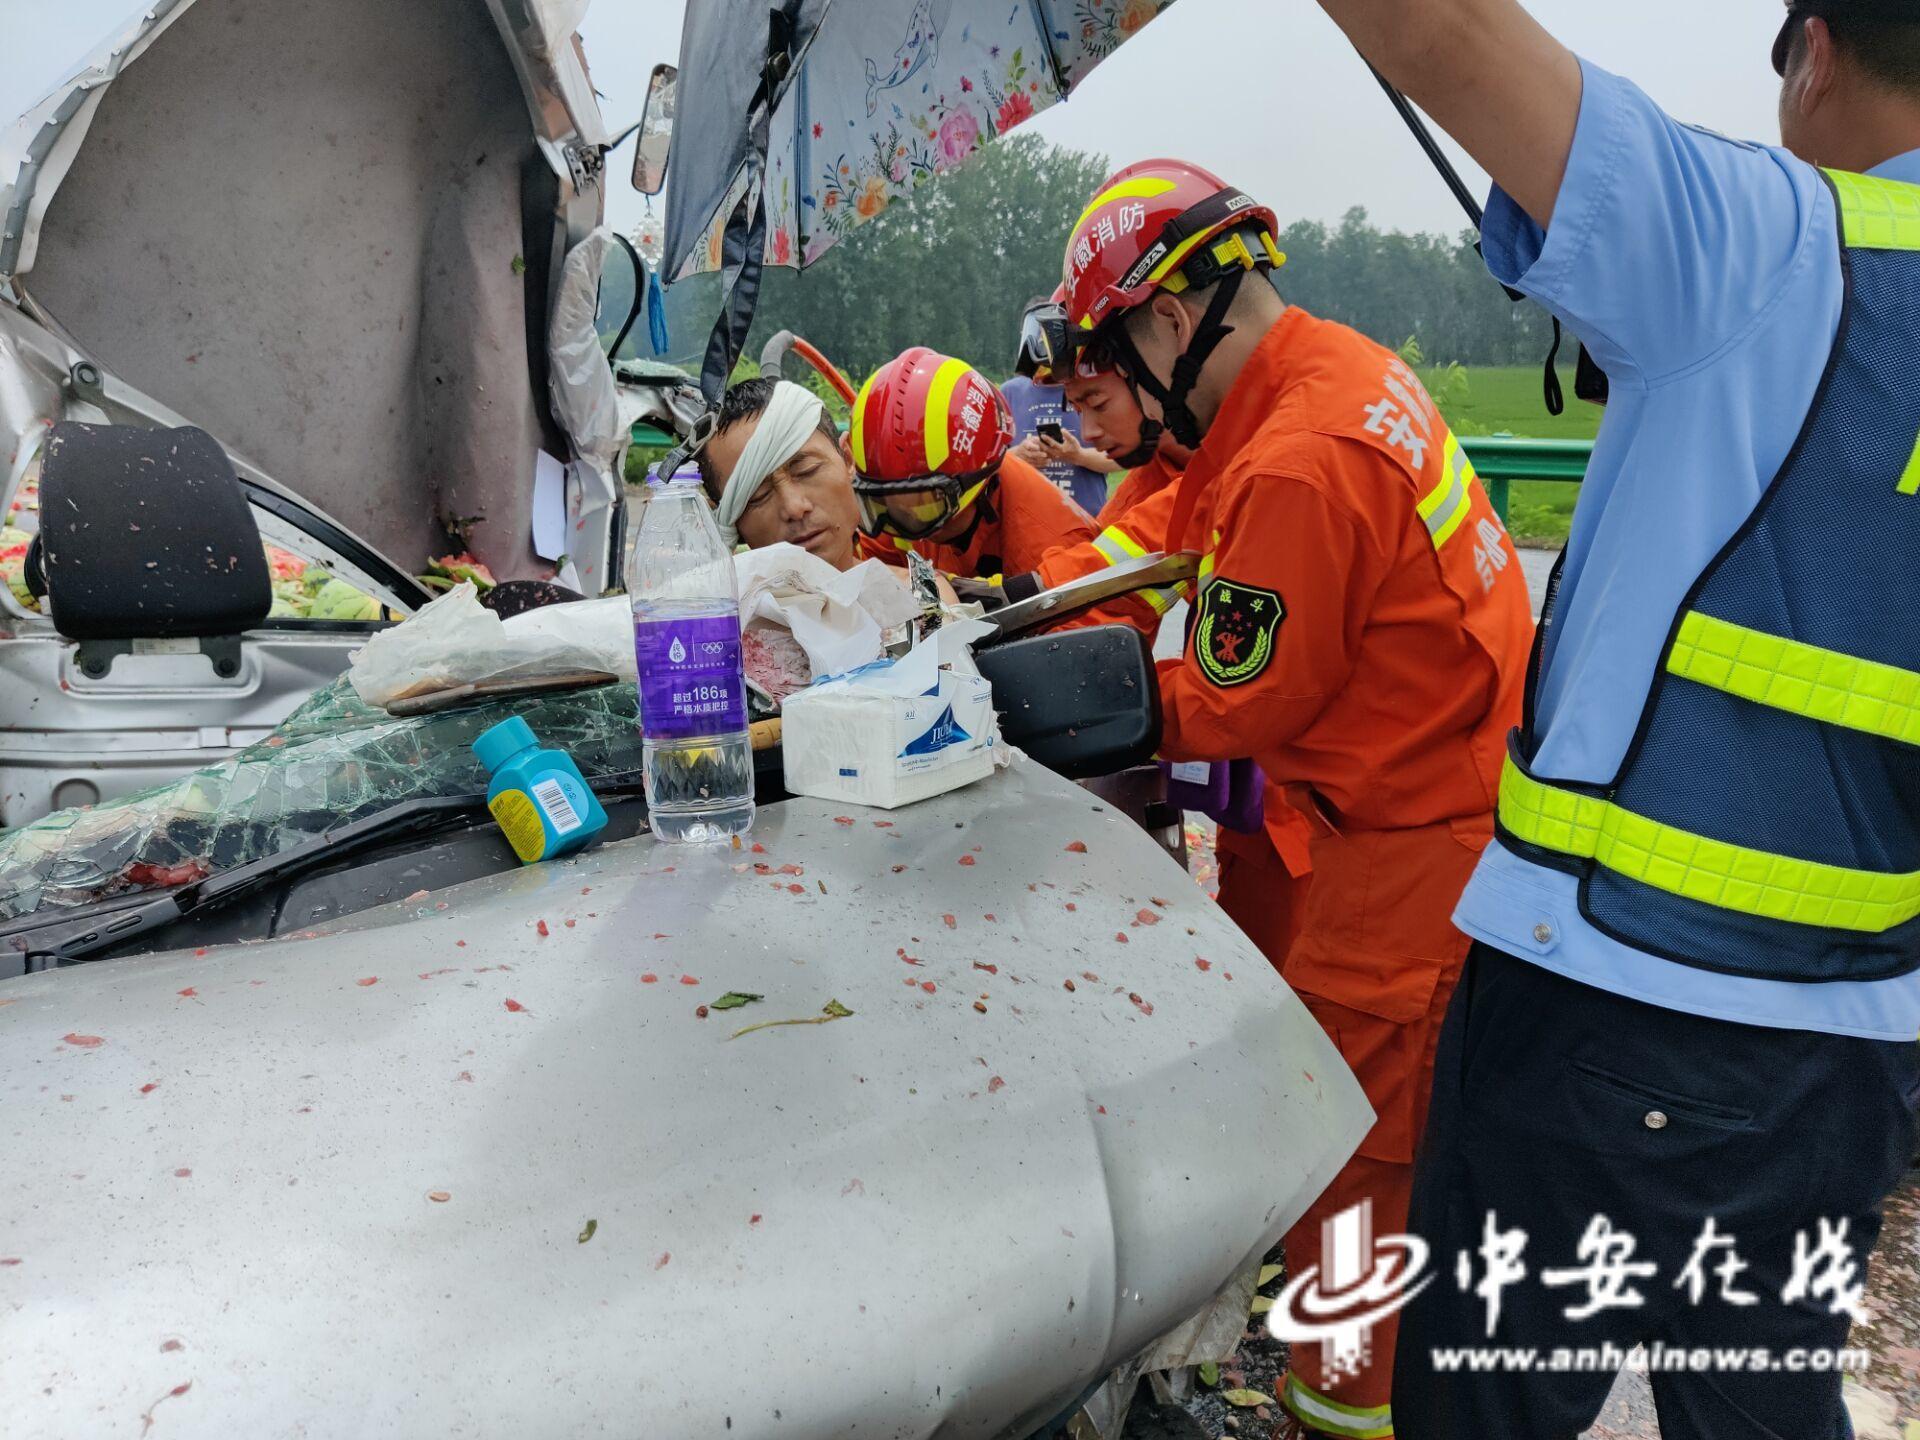 两货车追尾驾驶员腿卡被困合肥消防迅速处置